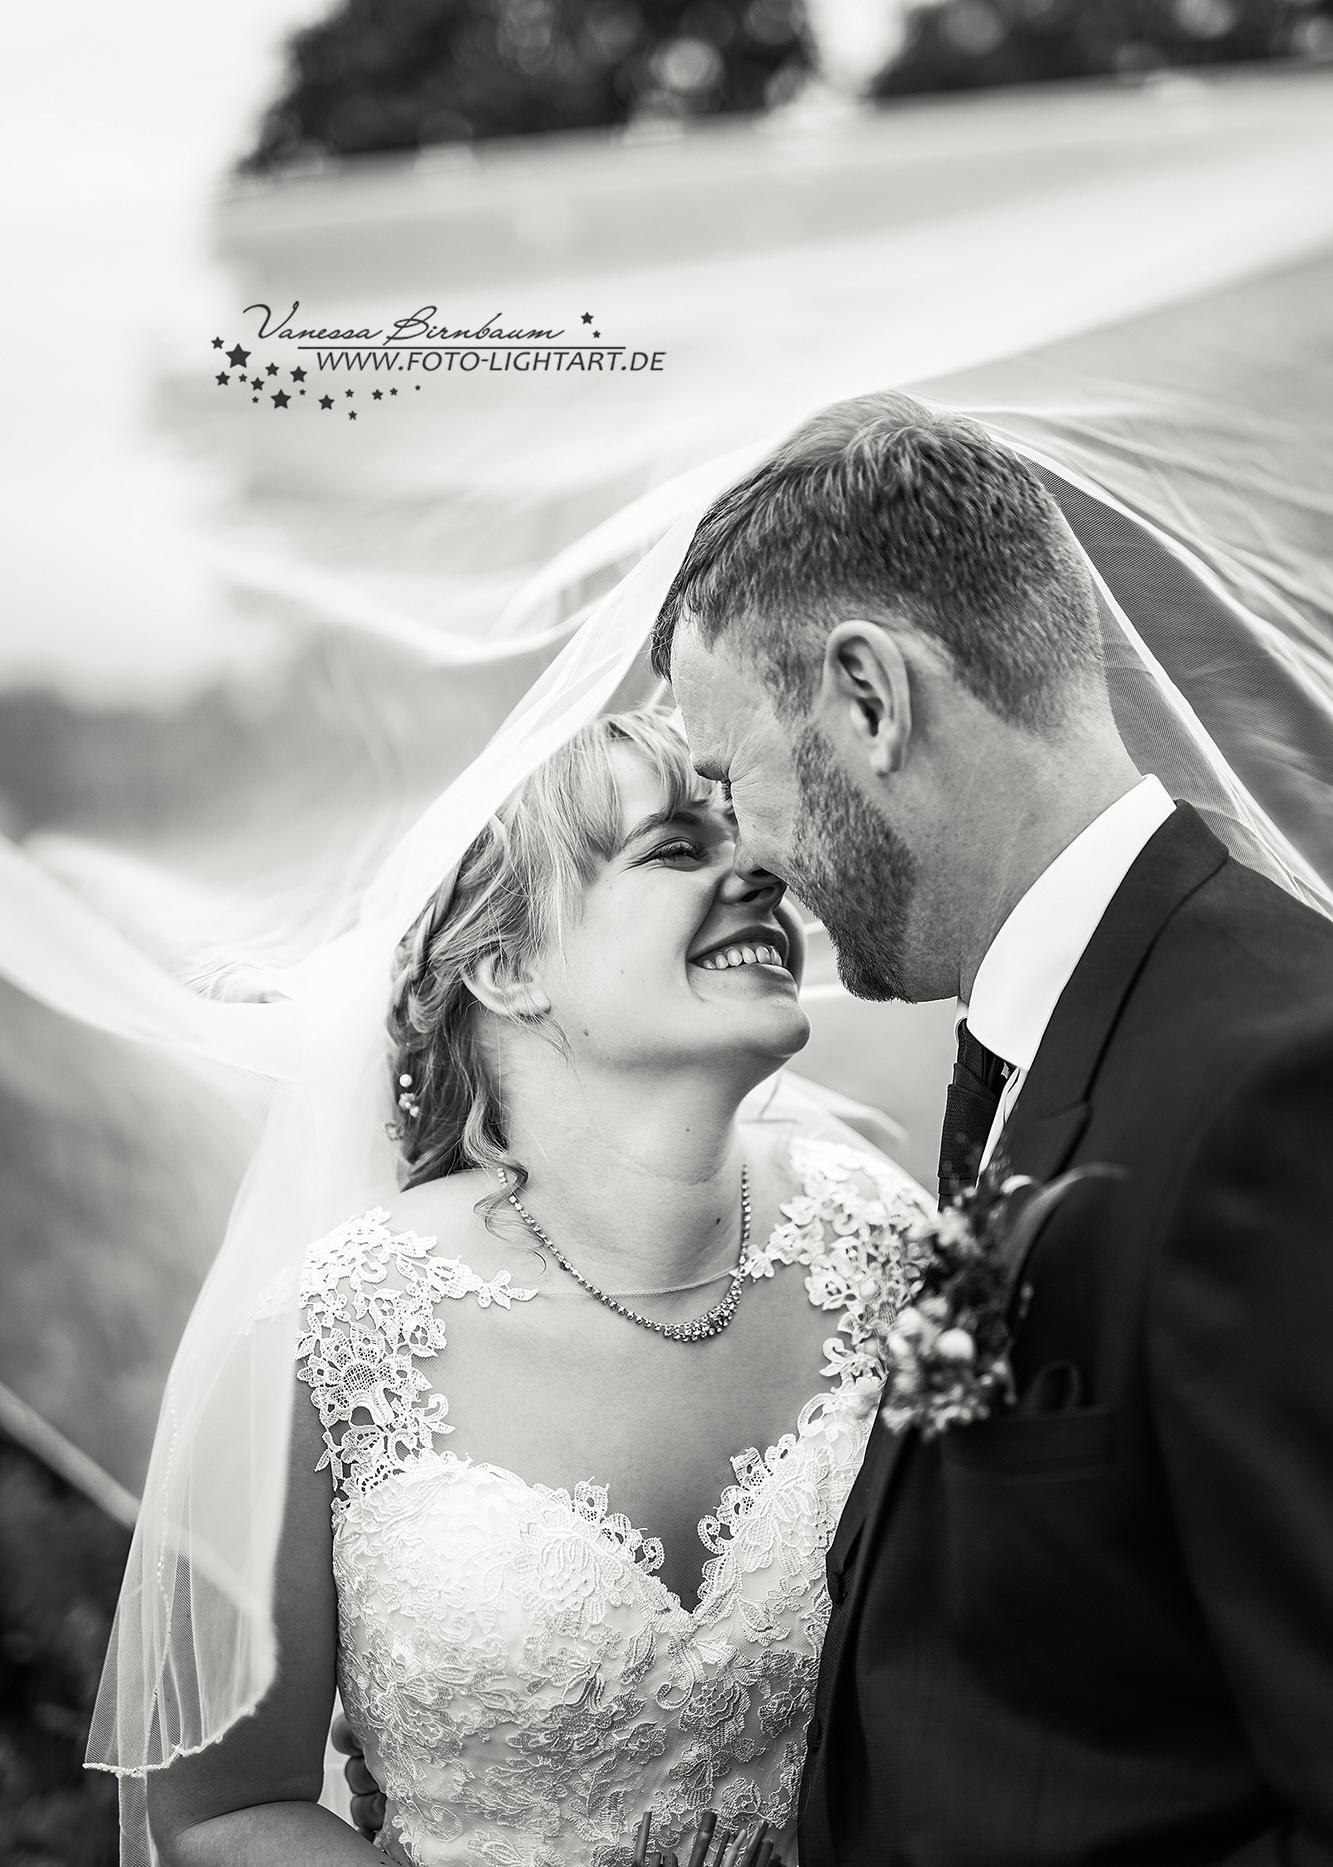 Vanessa_Birnbaum_Fotografie_hochzeit_braut_wedding_14